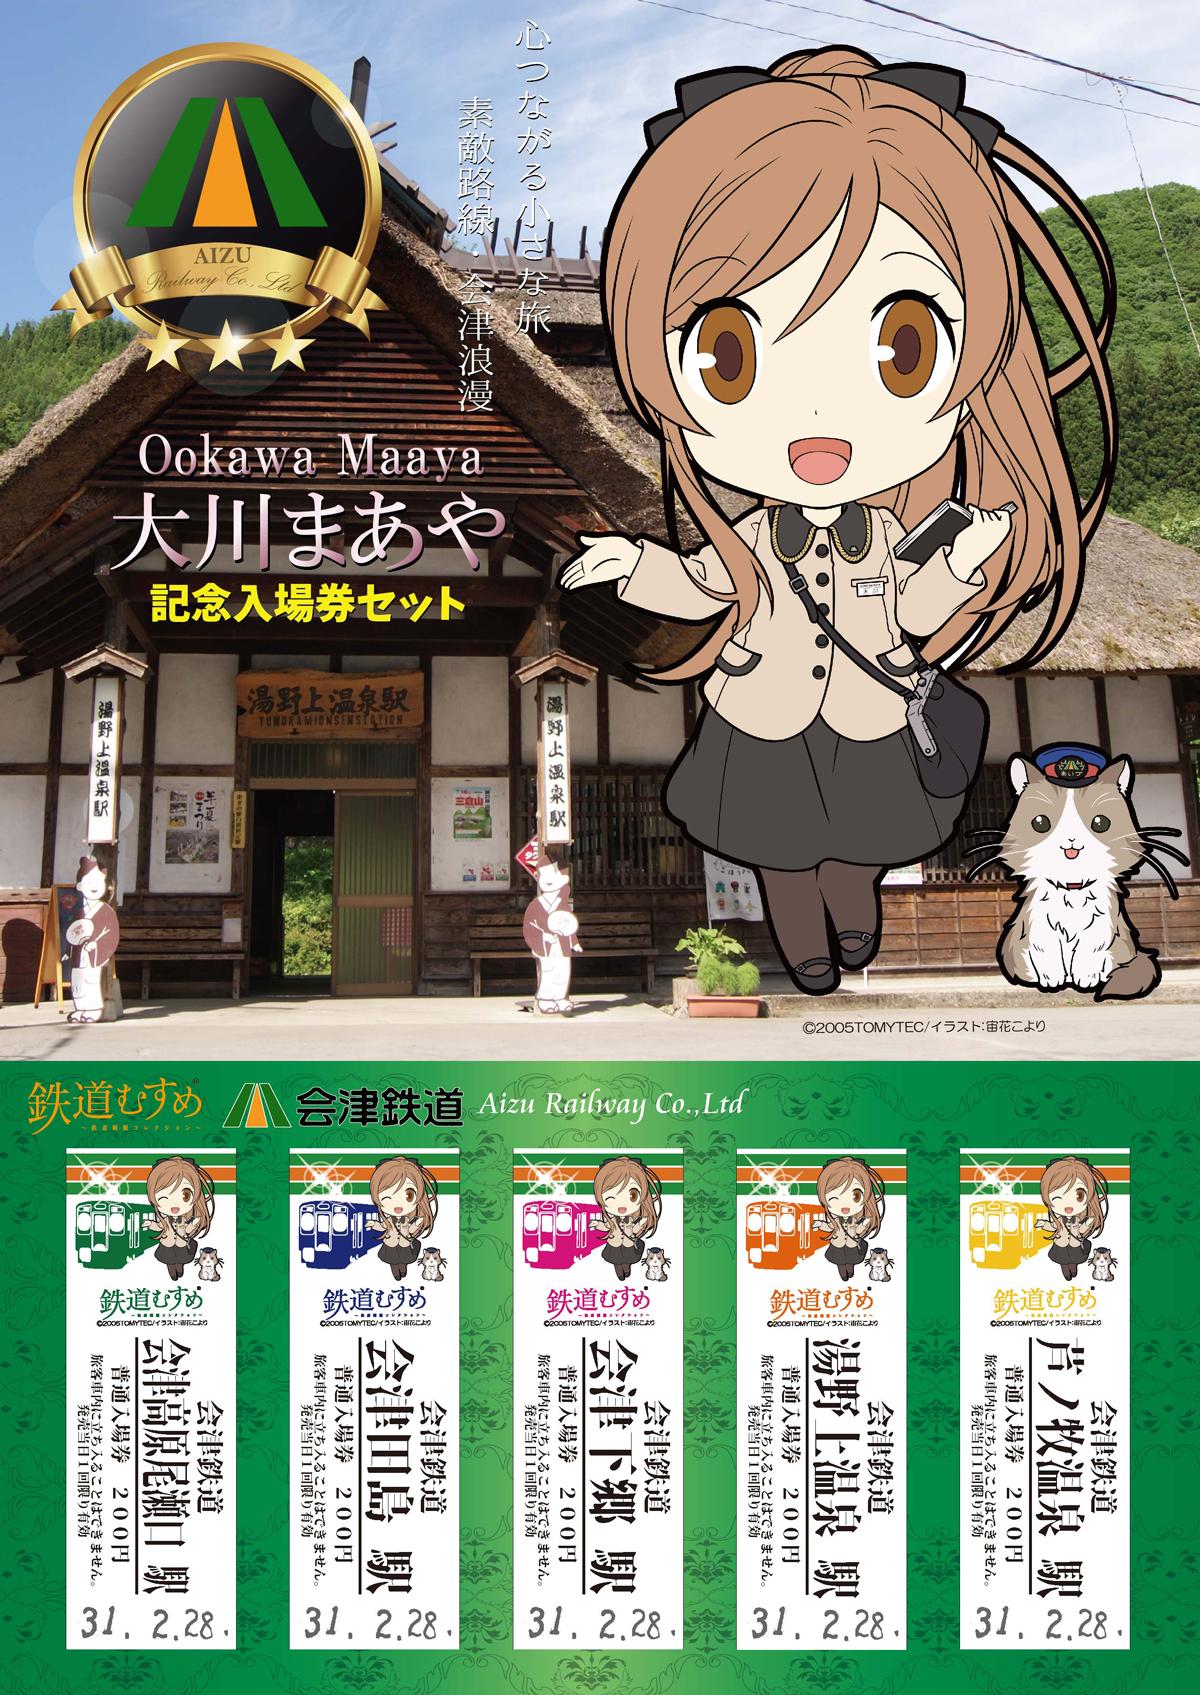 大川まあや(SDキャラ)記念入場券(イメージ)